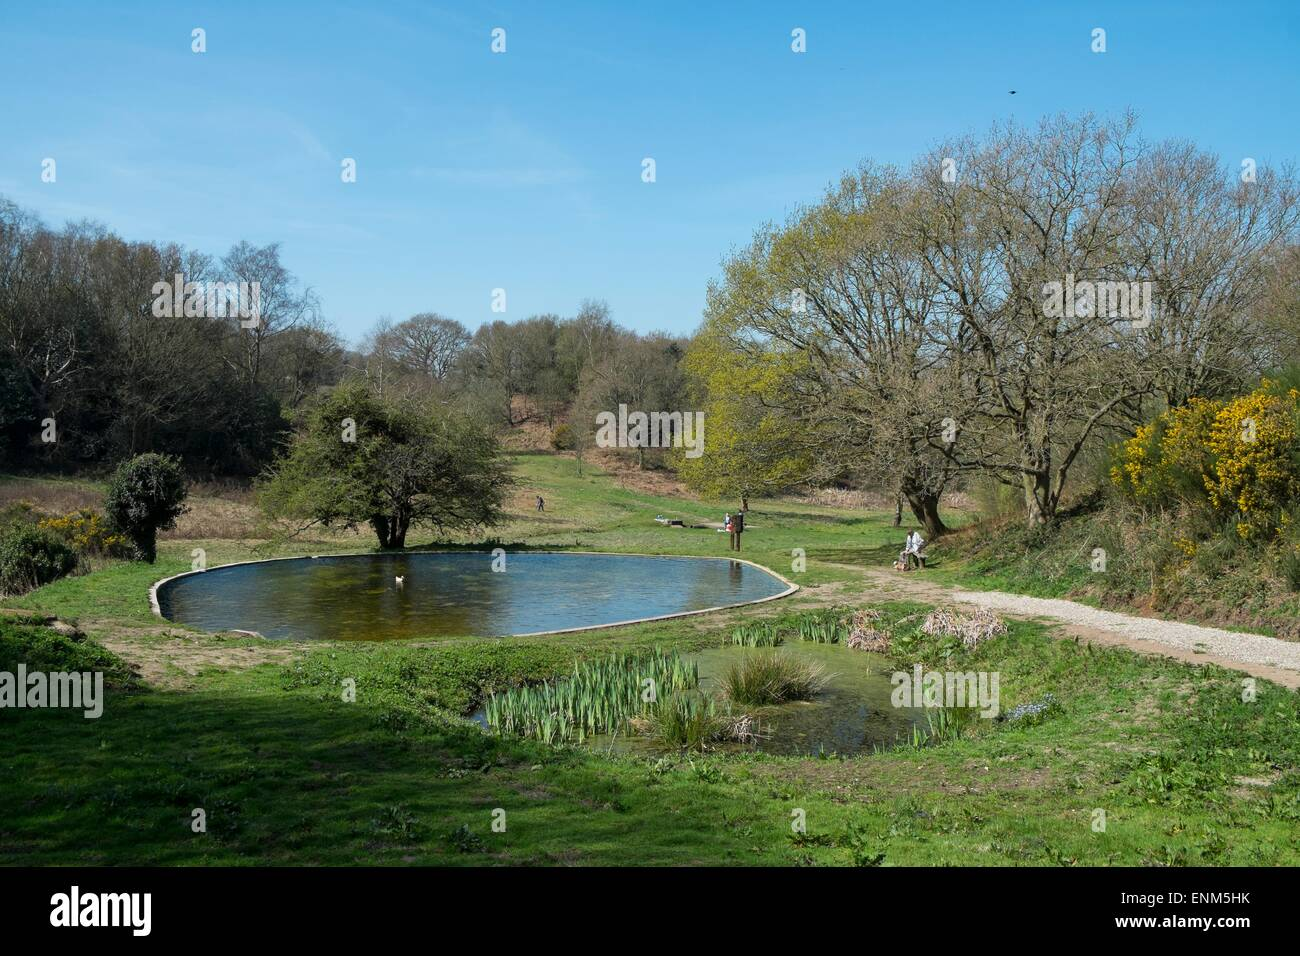 Spout Hills or Spouts Common, Holt, norfolk, UK - Stock Image